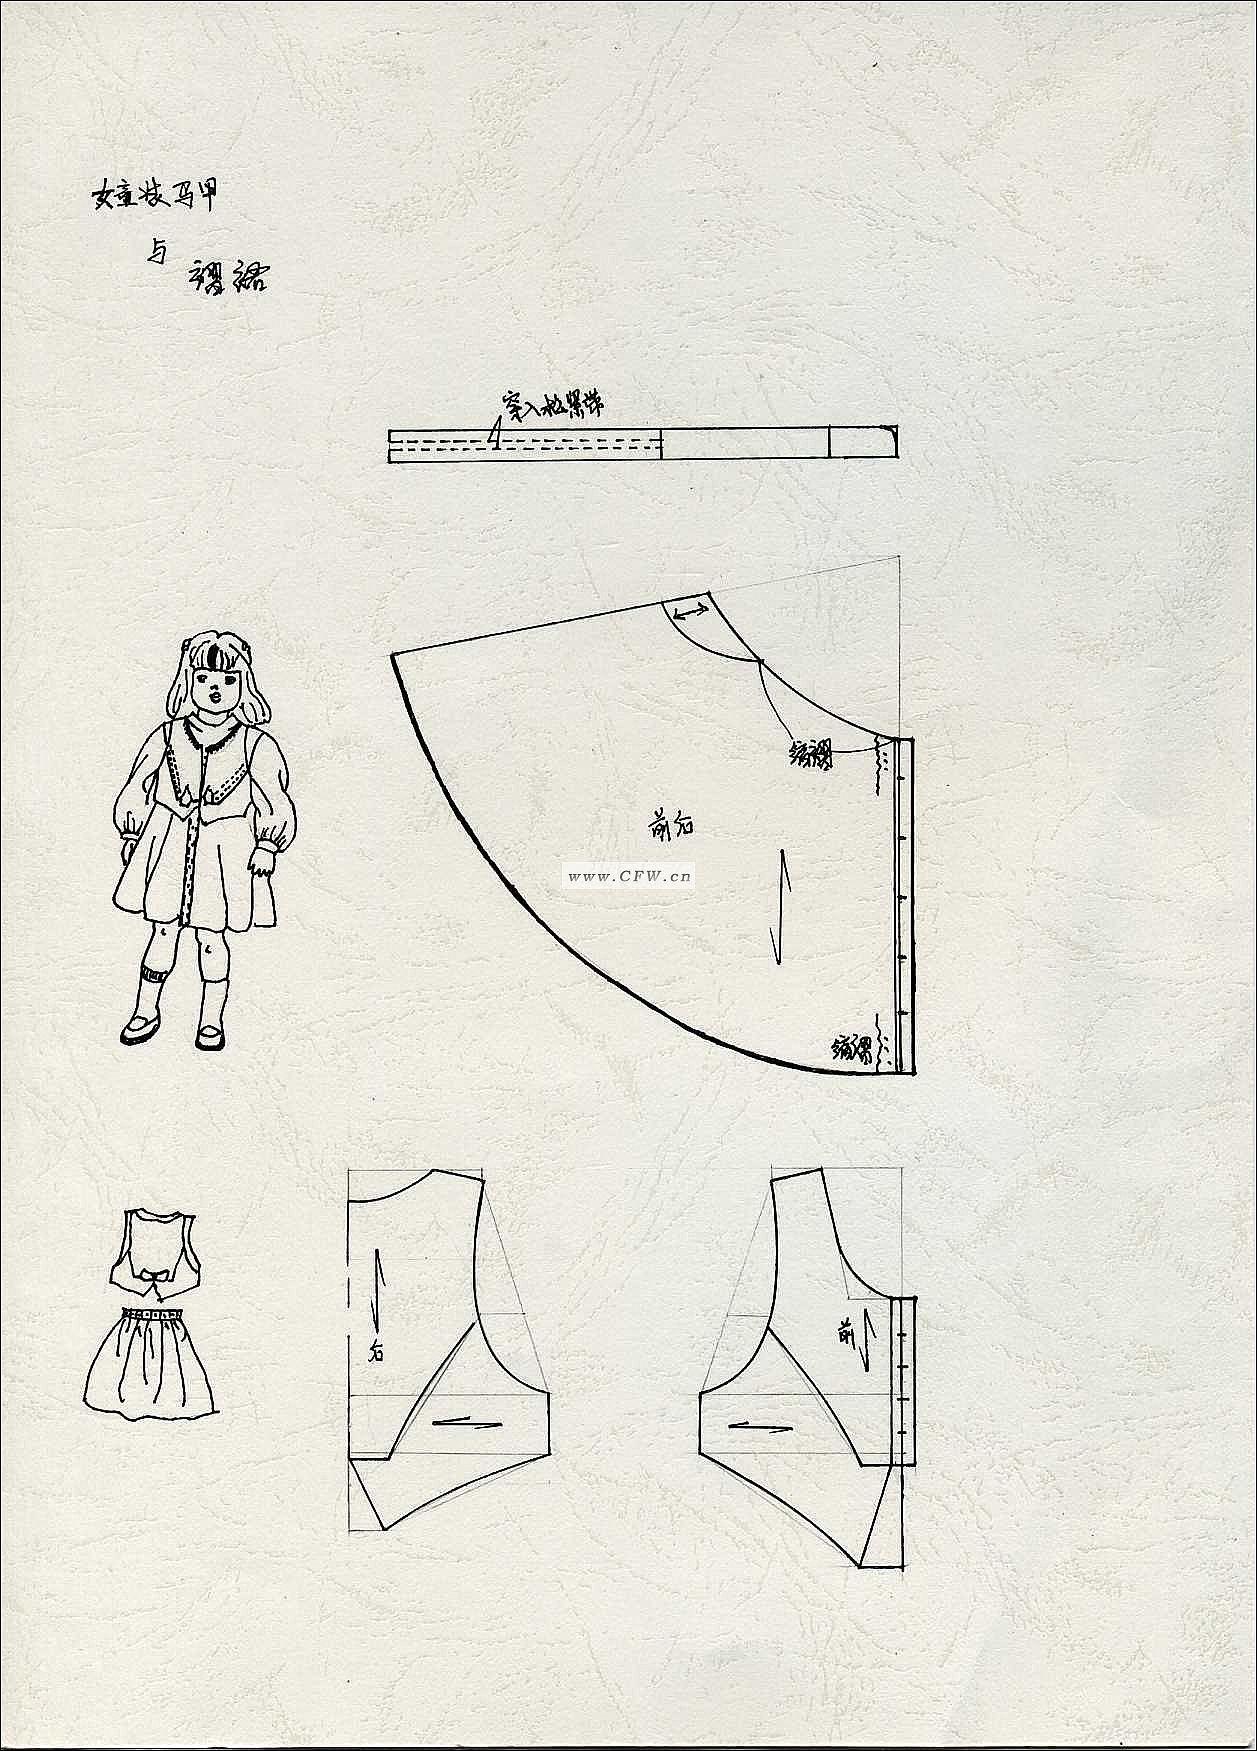 童装设计-童装设计图-童装款式效果图-童装设计师手稿作品-服装设计